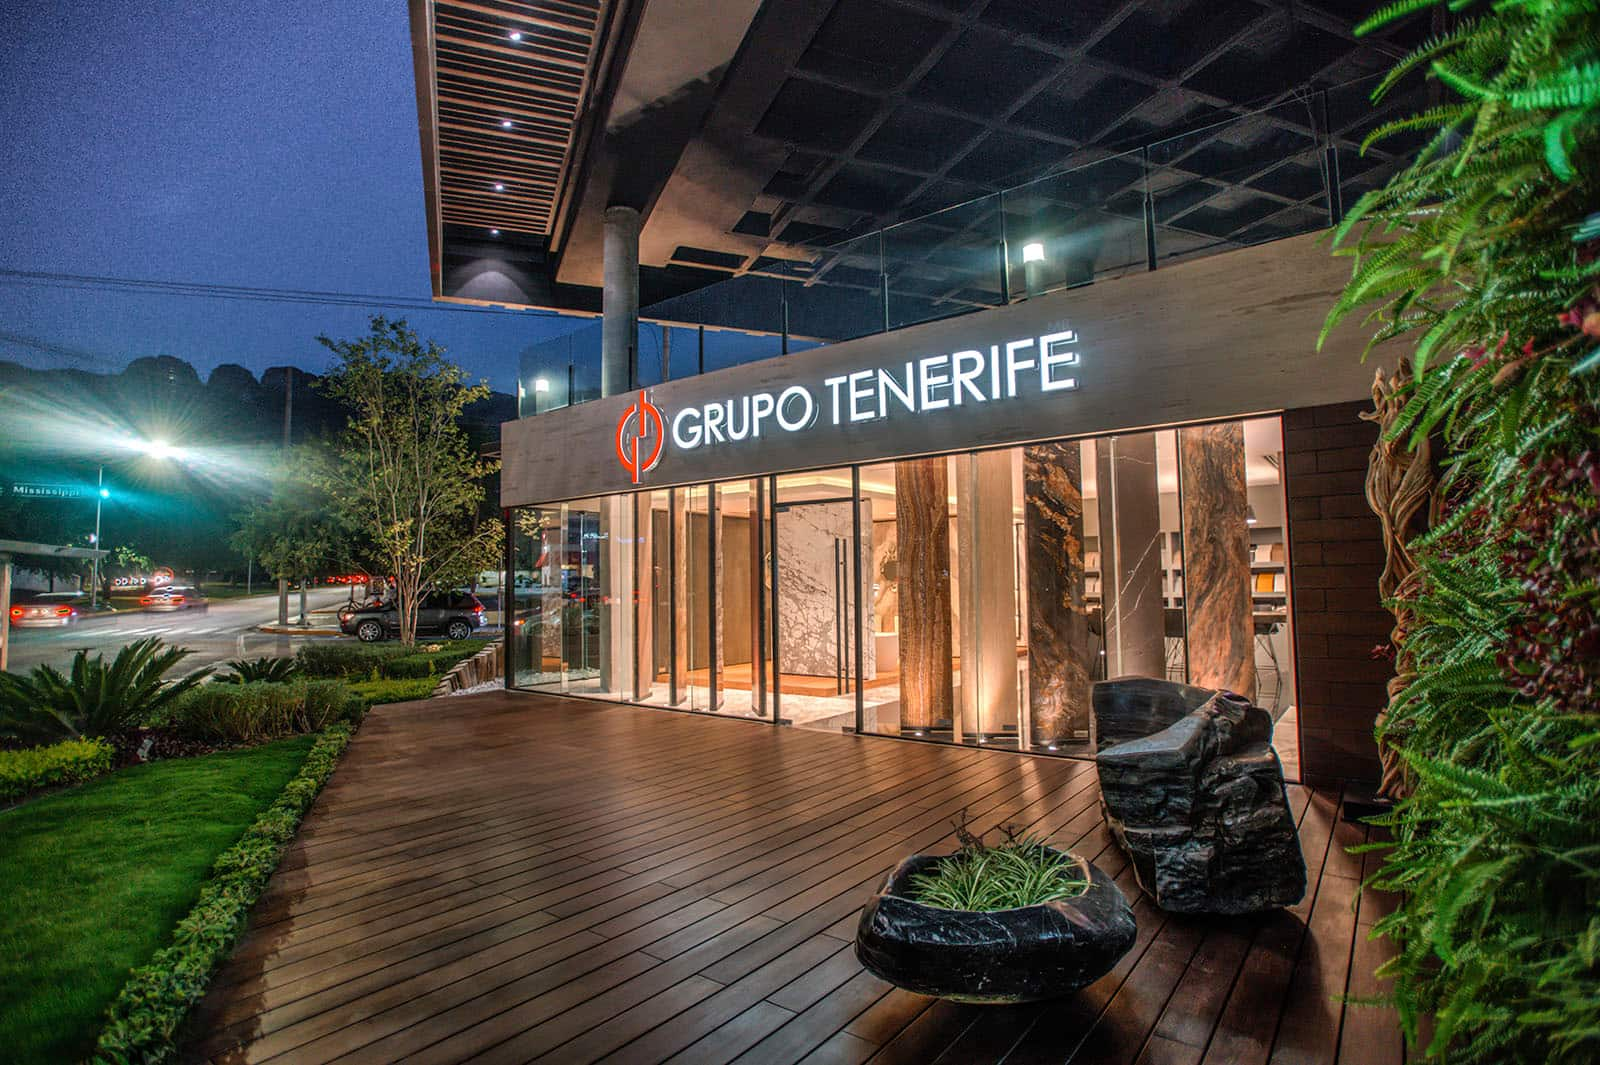 Grupo Tenerife, líder en recubrimientos naturales de México